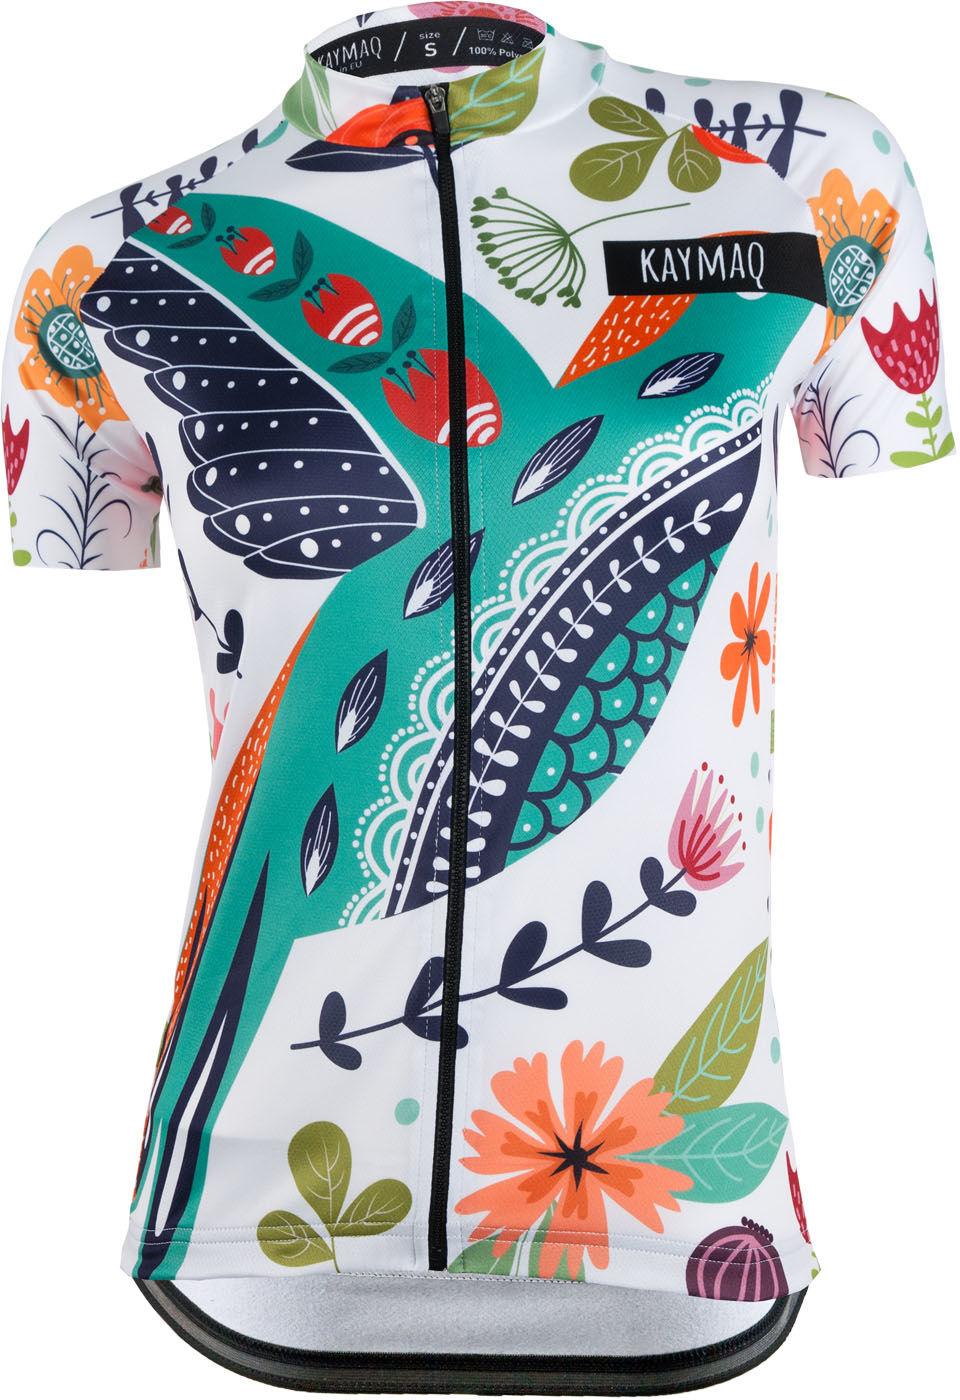 KAYMAQ DESIGN W22 damska koszulka rowerowa krótki rękaw Rozmiar: S,KMQ-W22-KOSZ